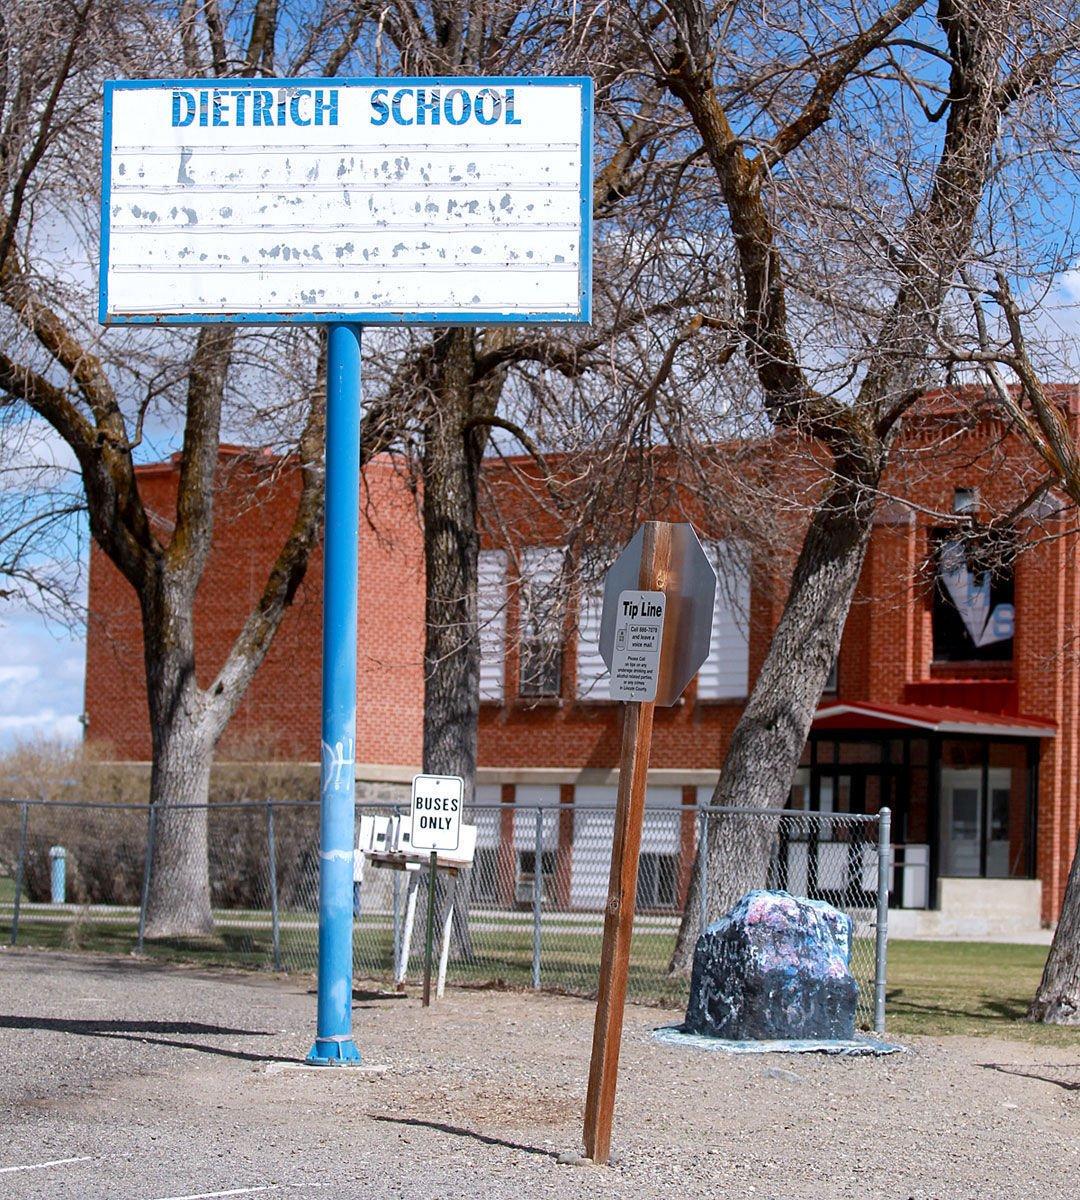 Dietrich School